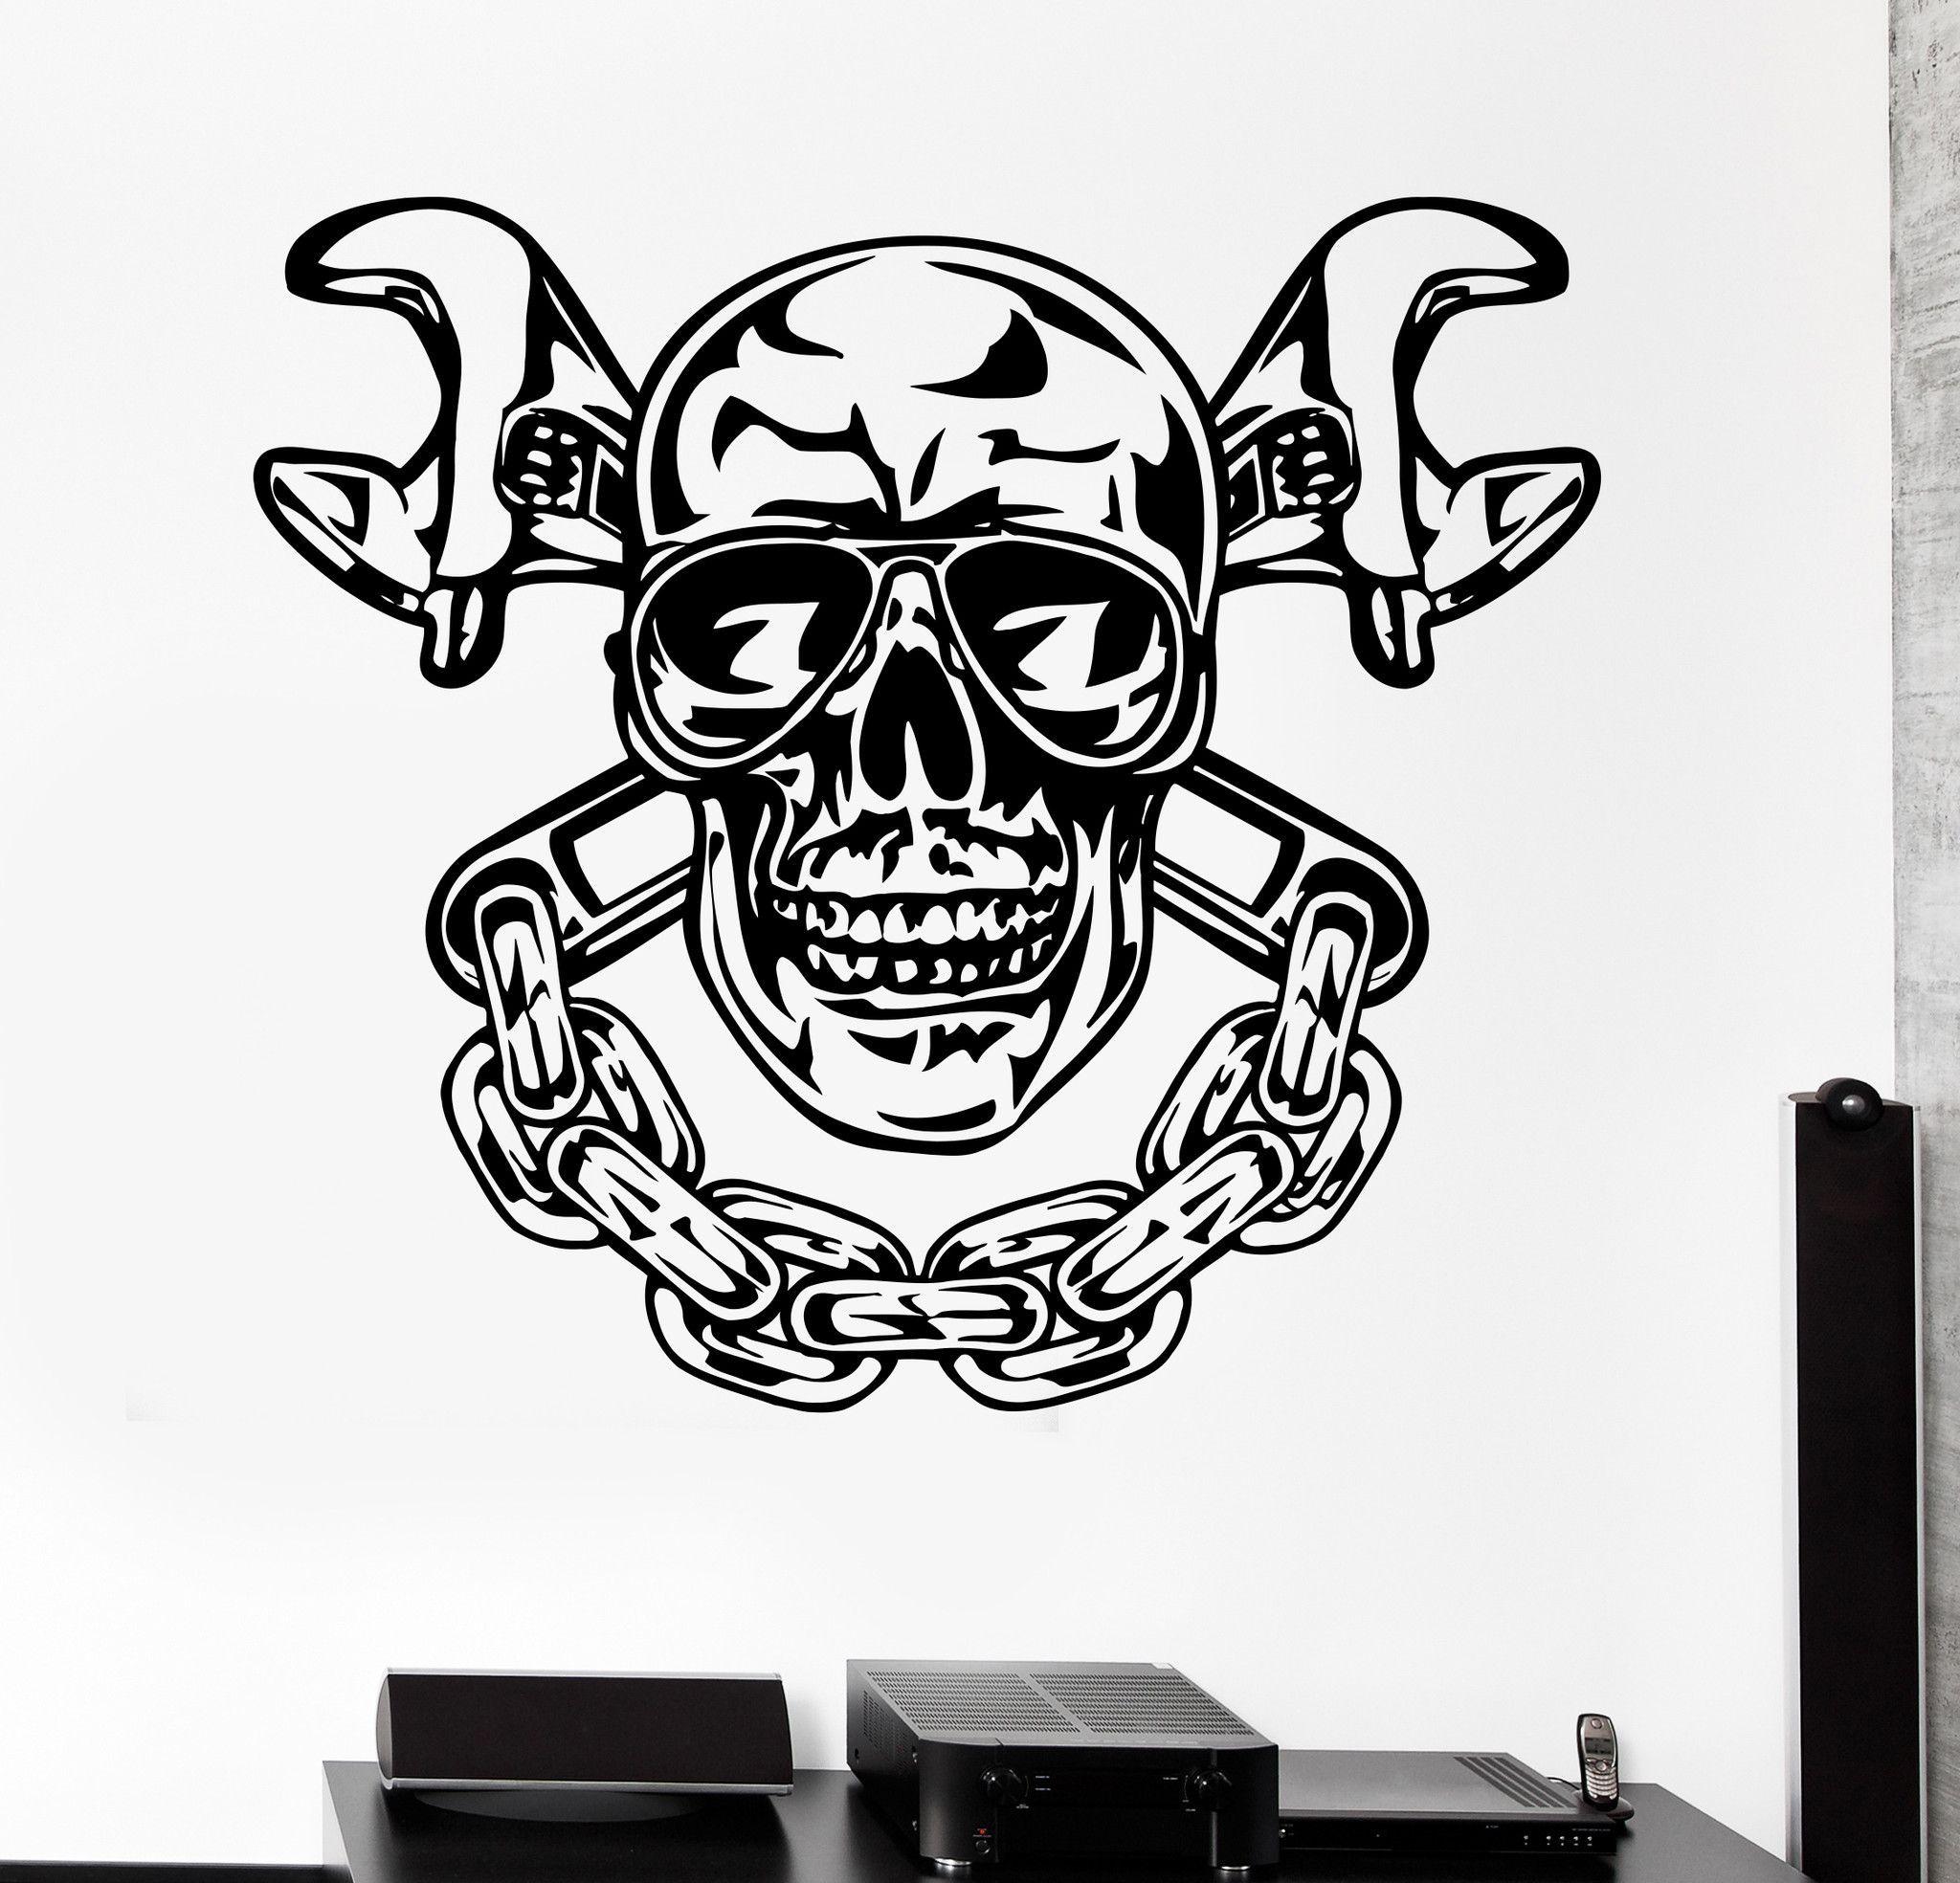 2048x1968 Vinyl Wall Decal Skull Chain Auto Car Repair Service Garage